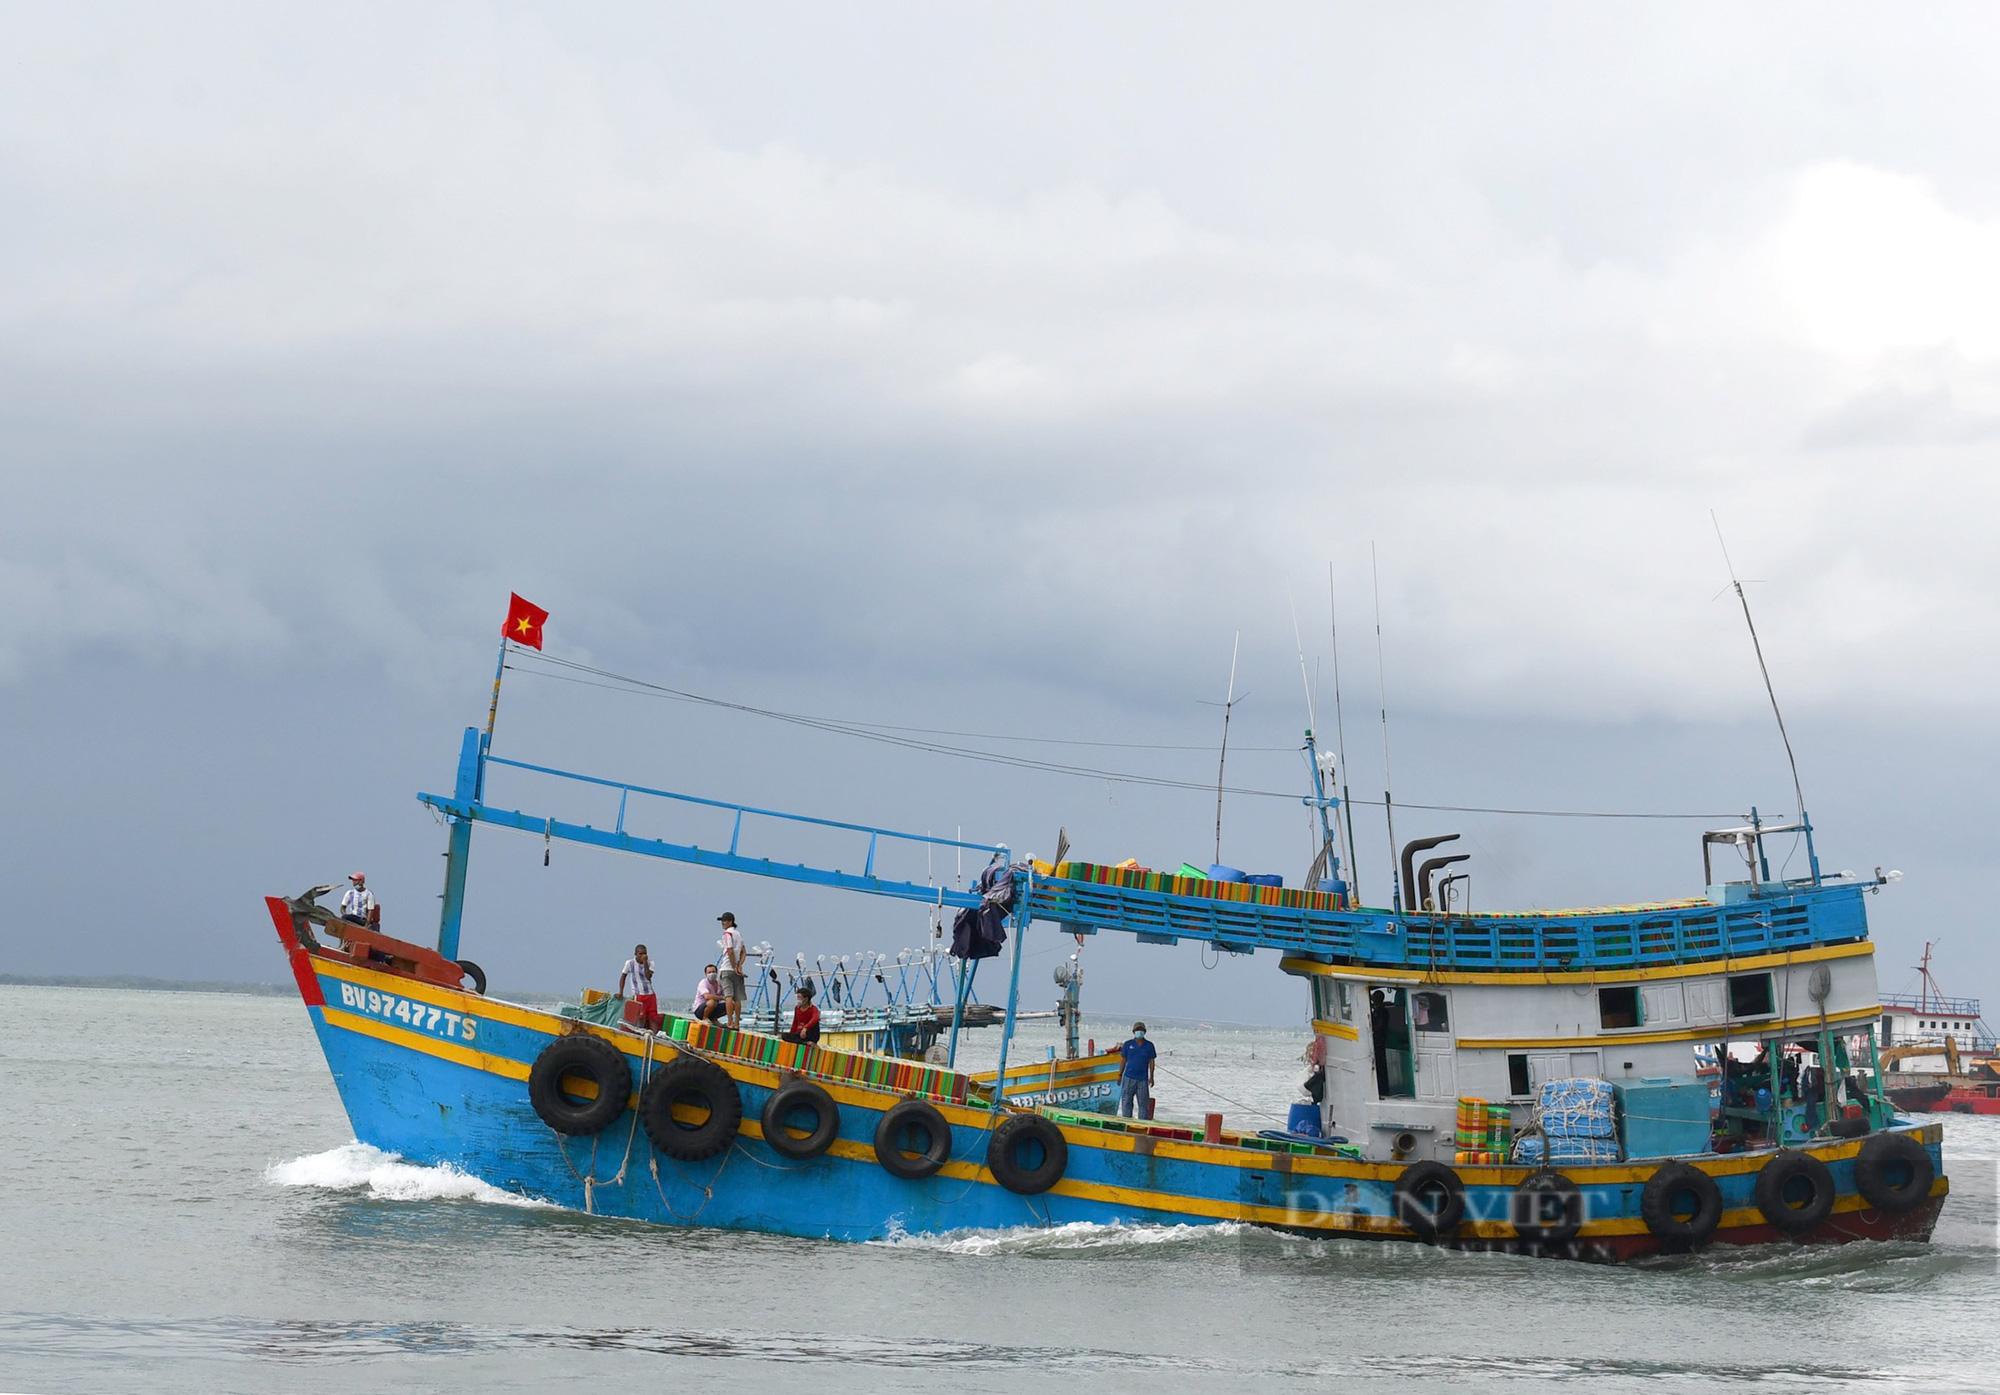 Ngày đầu xuống Chỉ thị 15, Bà Rịa – Vũng Tàu vẫn kiểm soát việc đi lại, chưa cho tắm biển - Ảnh 5.